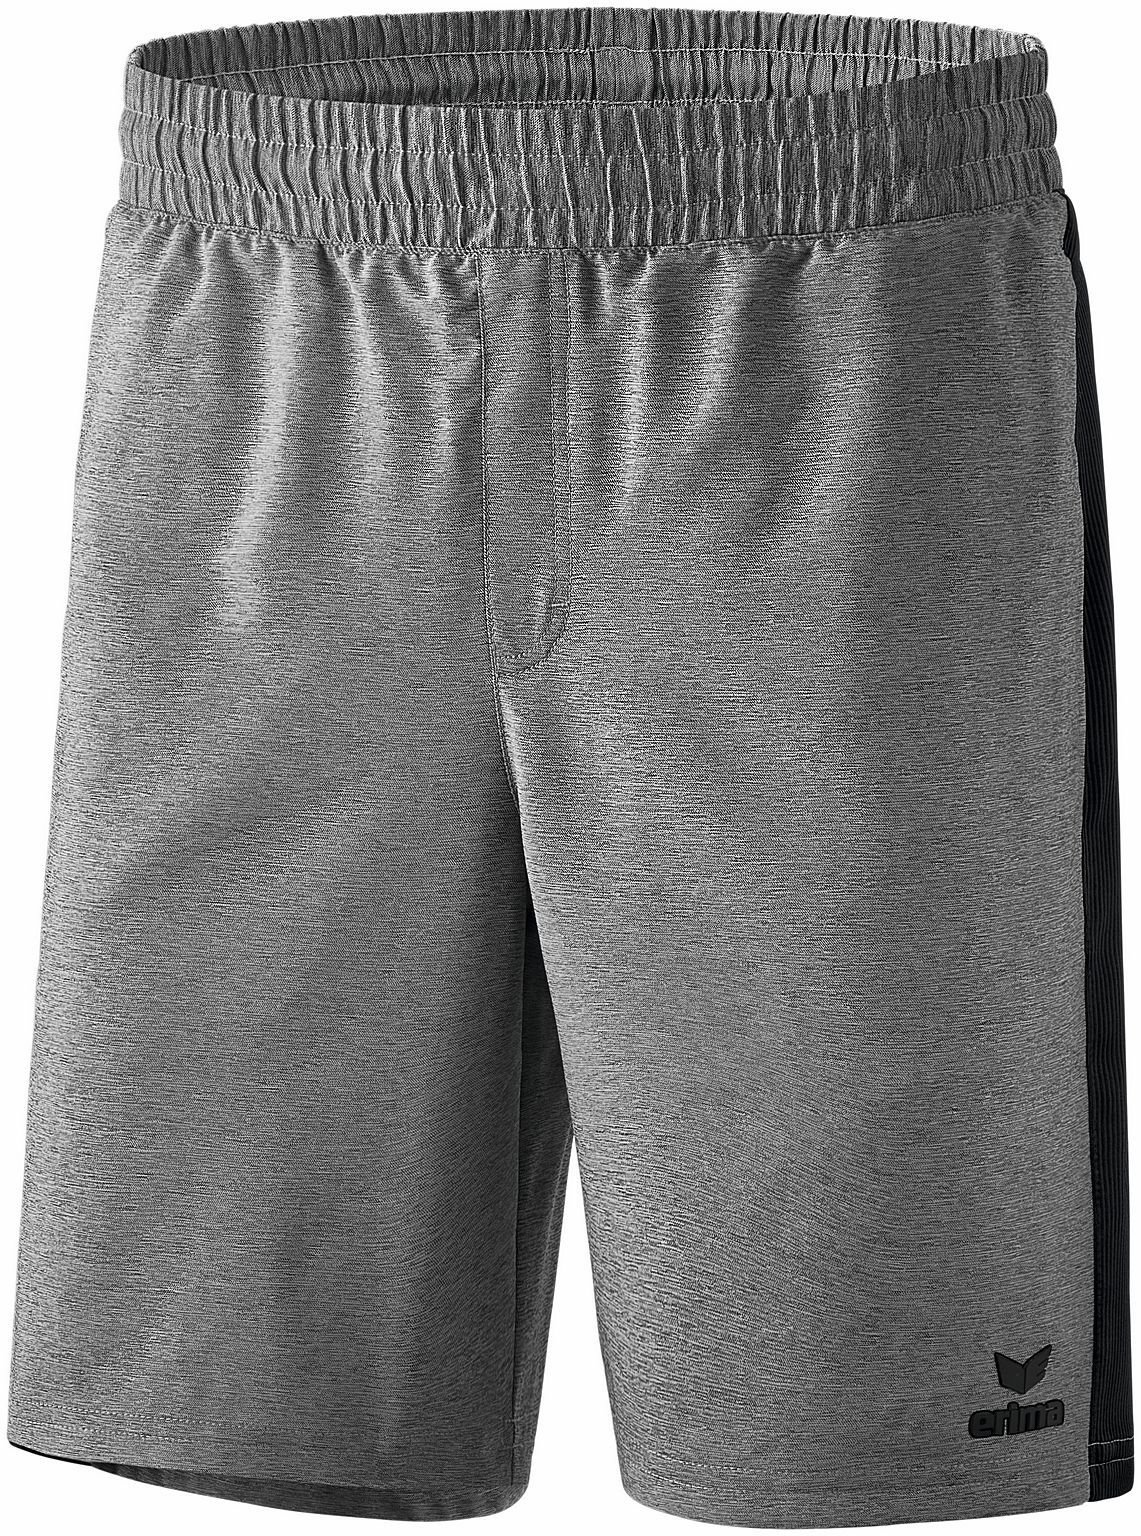 Premium One 2.0 Shorts Herren Kinder ak1161802